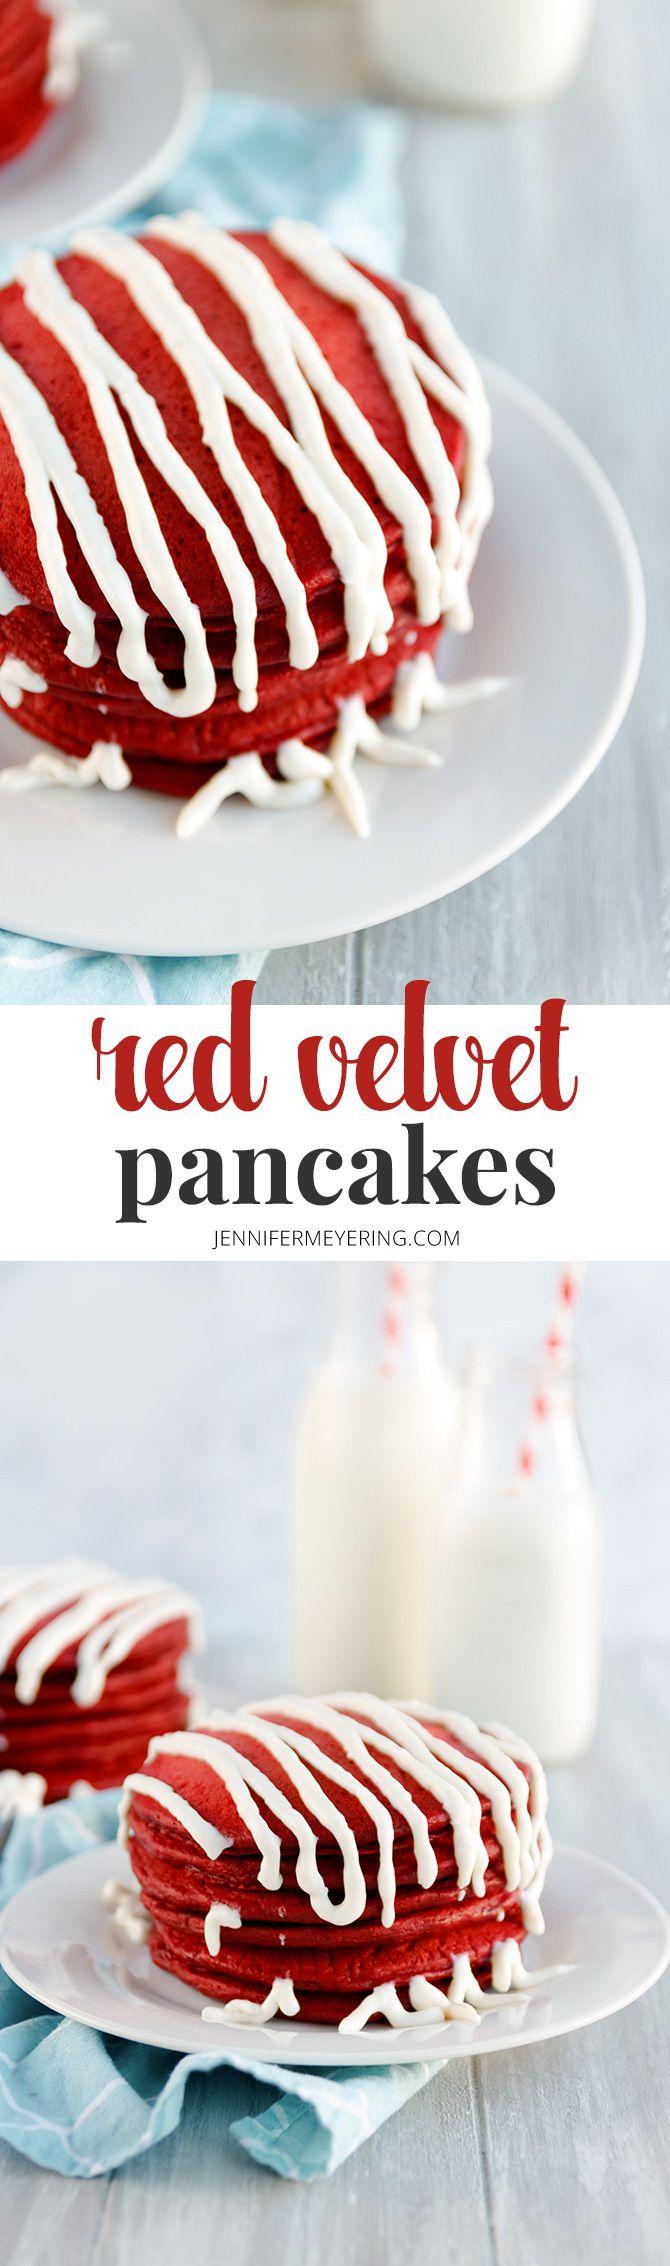 Red Velvet Pancakes - JenniferMeyering.com